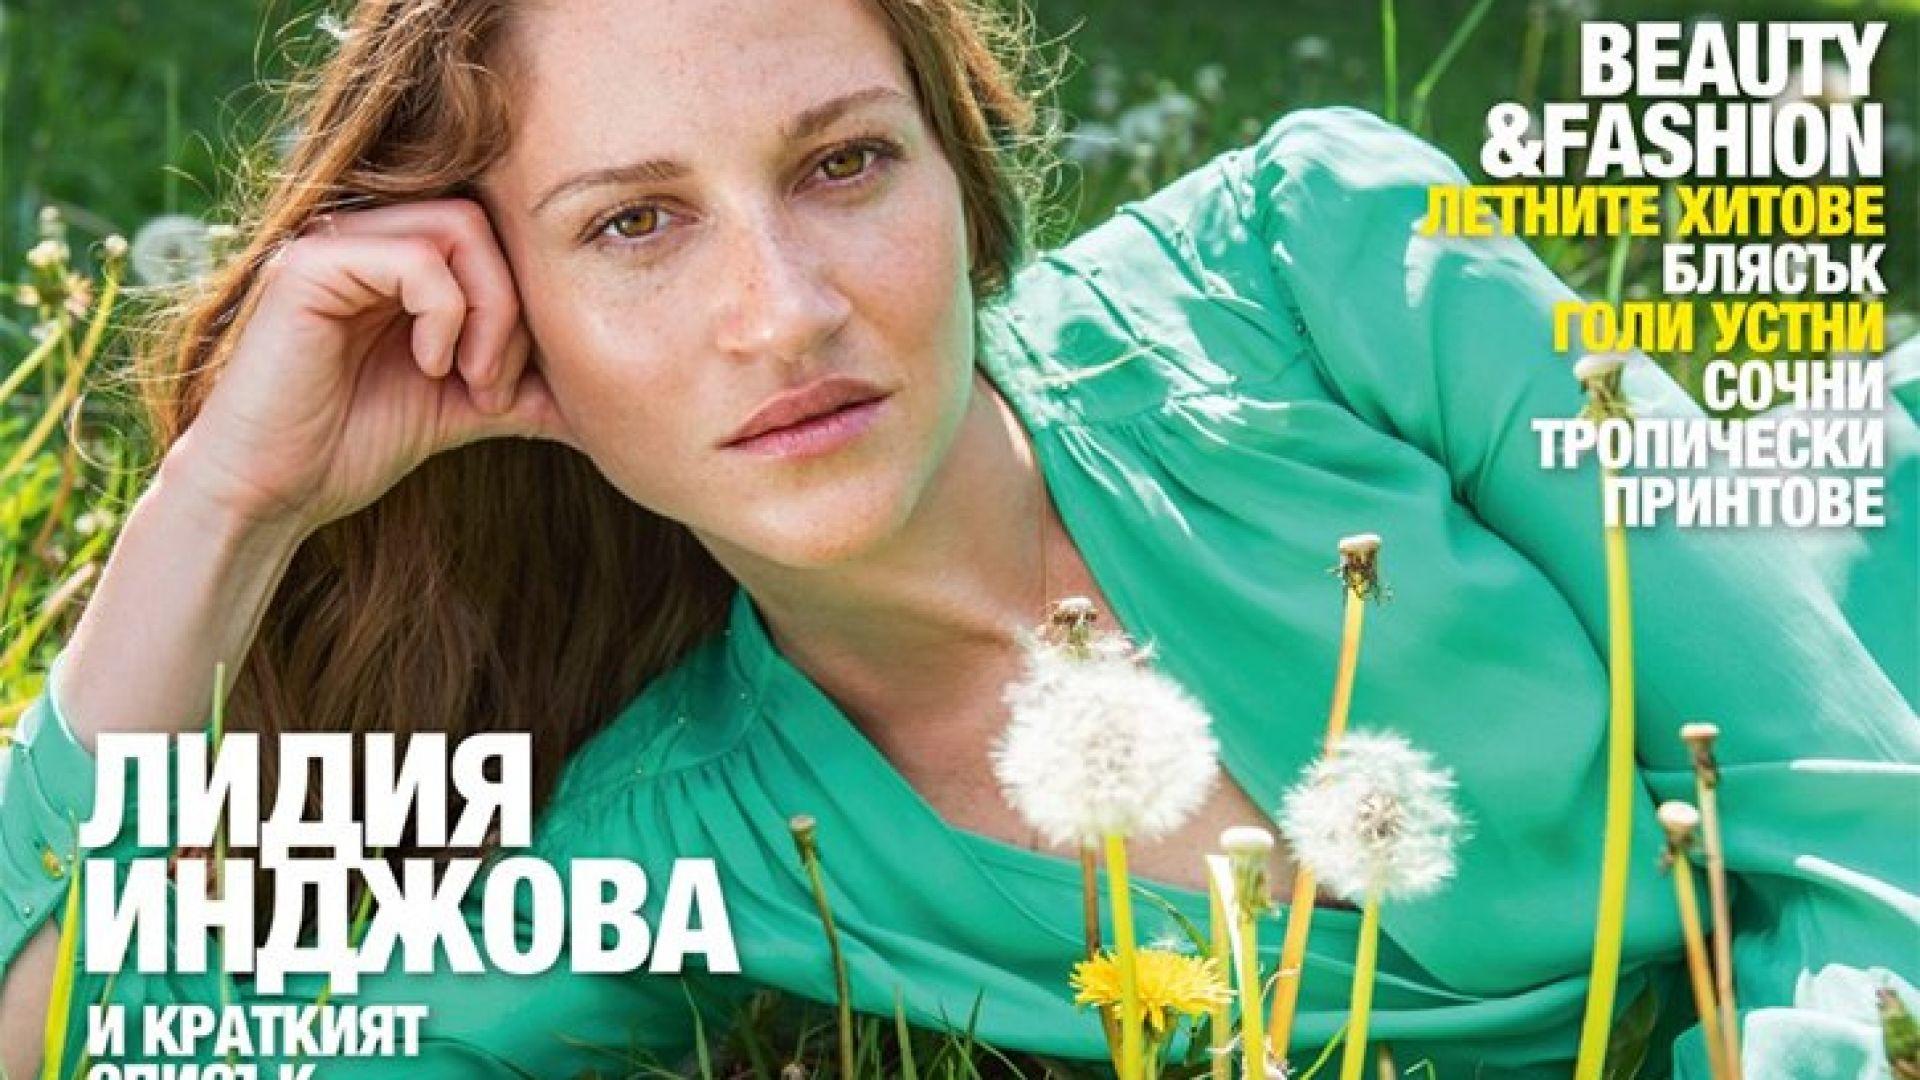 Списание EVA продължава пътя си: Вдъхновяващ, цветен и в синхрон с интересите на няколко поколения